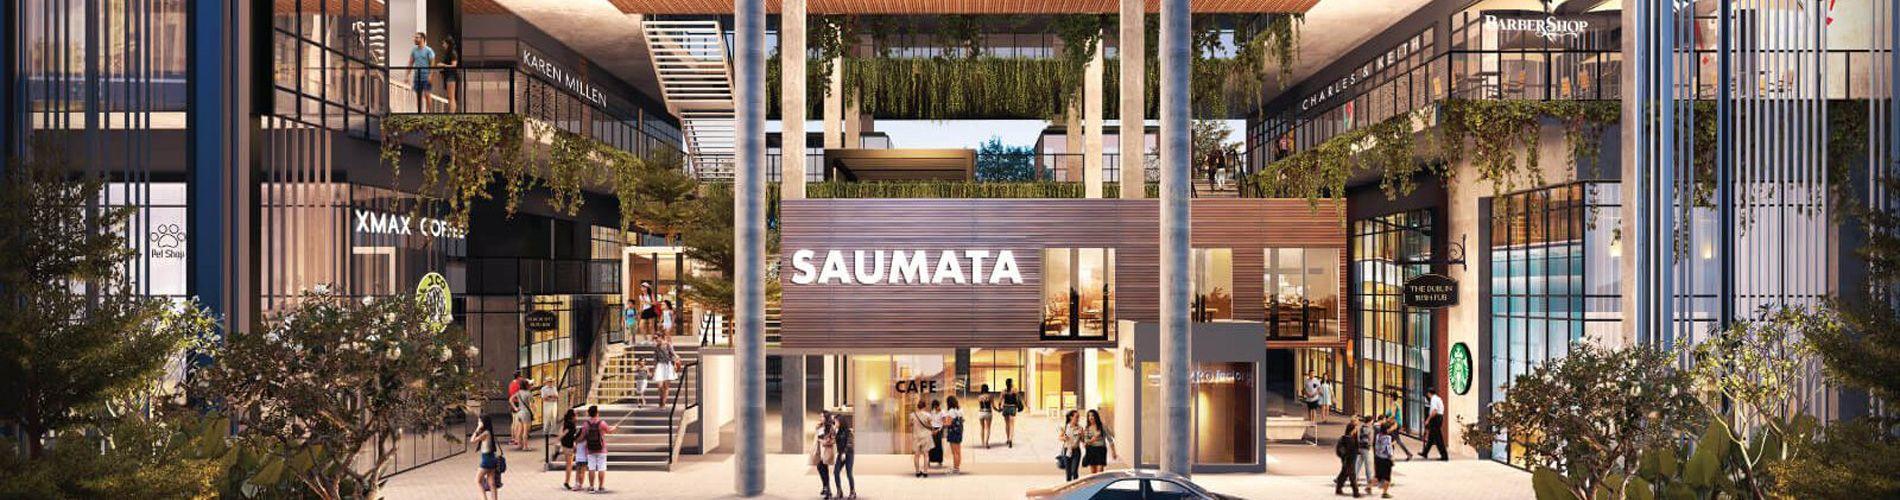 Residensial Apartemen Saumata Premier di Tangerang Selatan